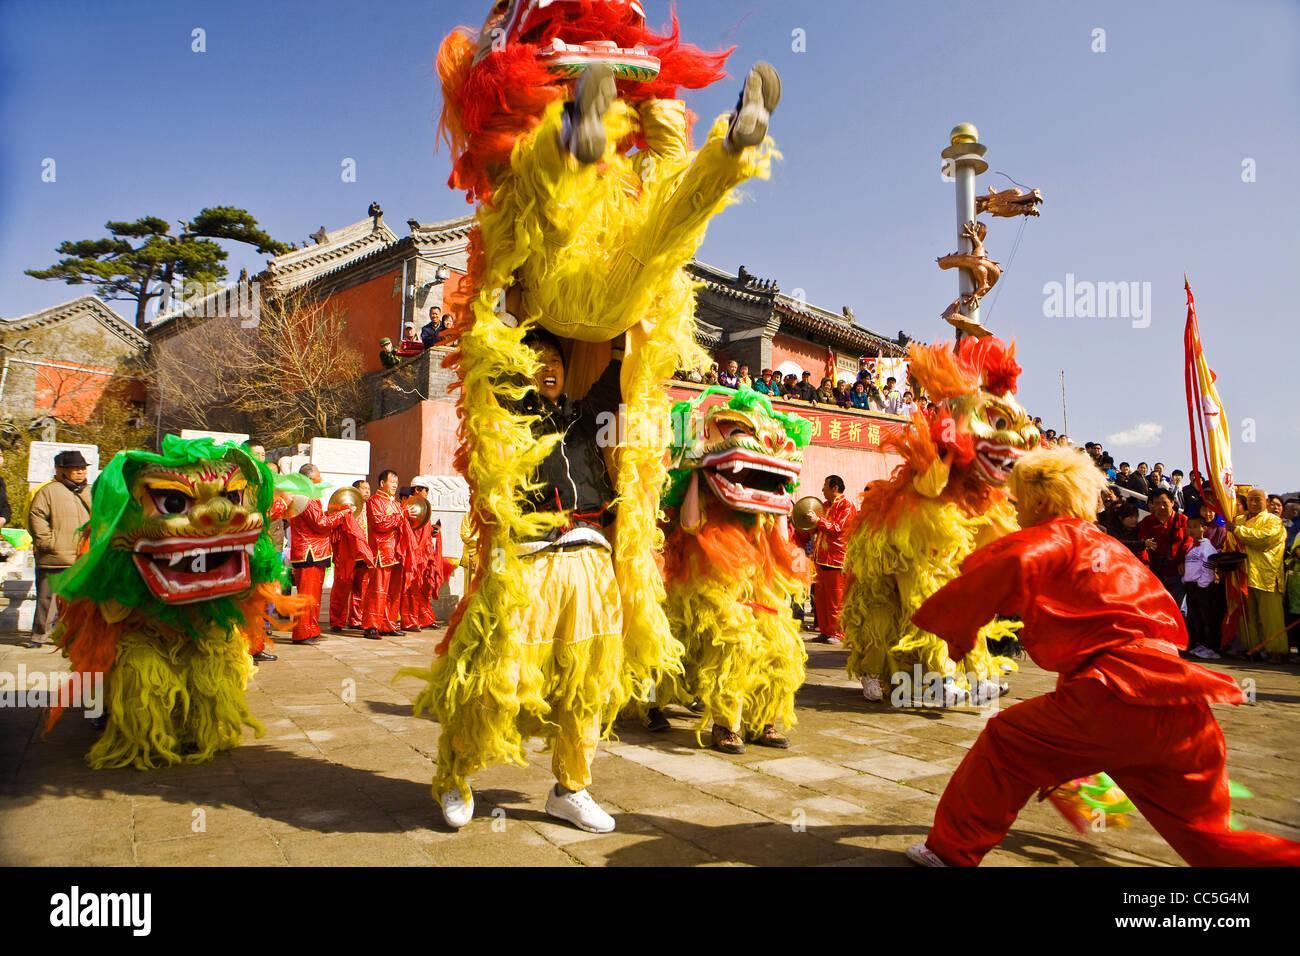 Les gens d'effectuer au cours de danse du lion, foire du temple montagne Miaofeng, Beijing, Chine Photo Stock